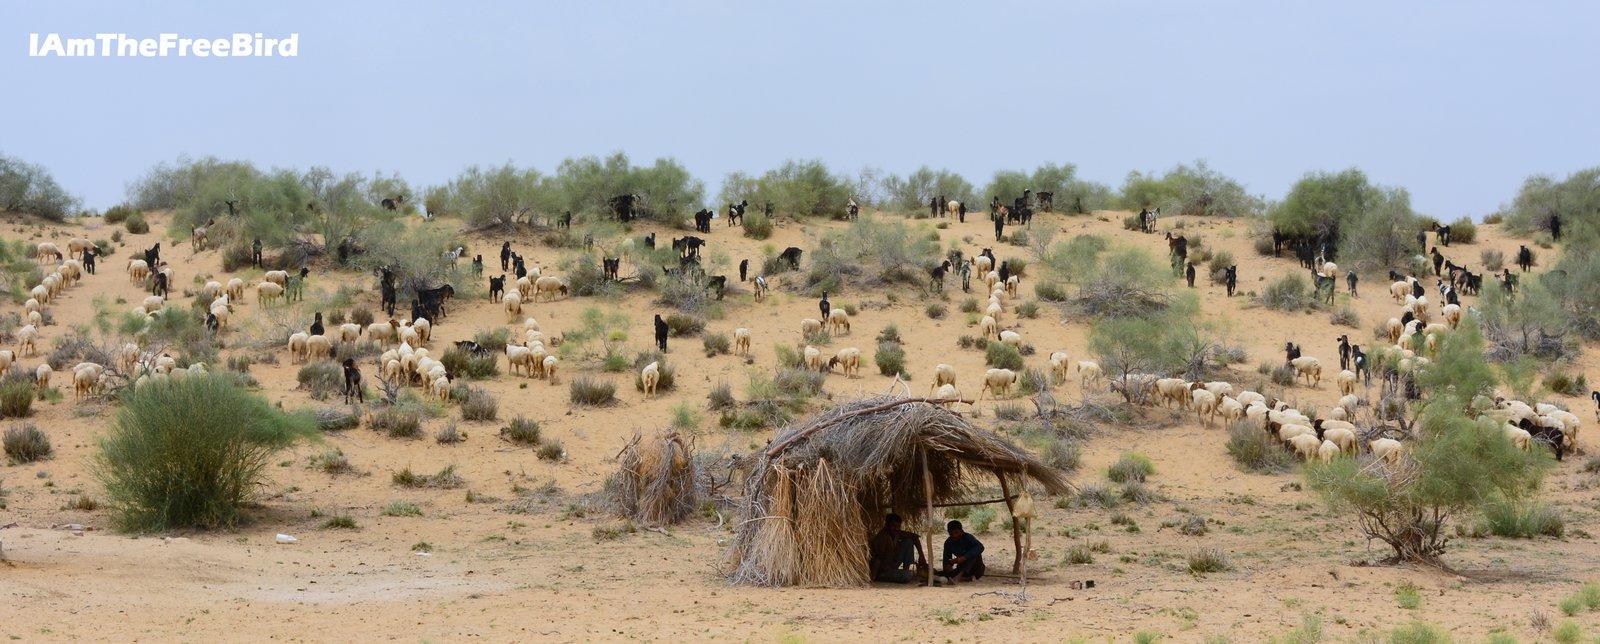 Goats in Jaisalmer desert